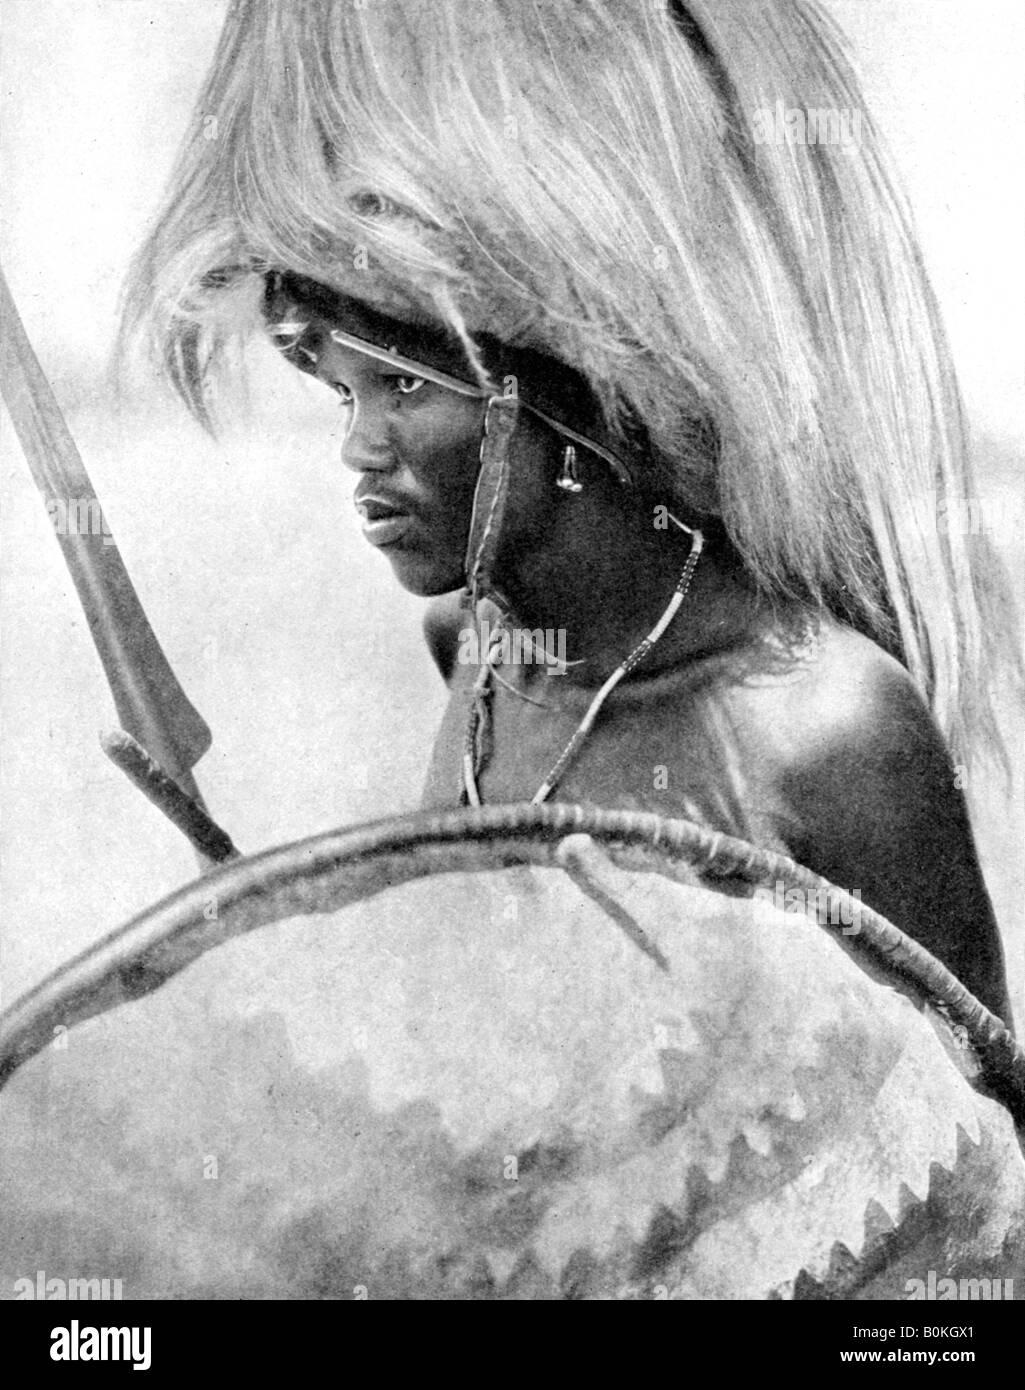 A Masai warrior, Africa, 1936. Artist: Wide World Photos - Stock Image